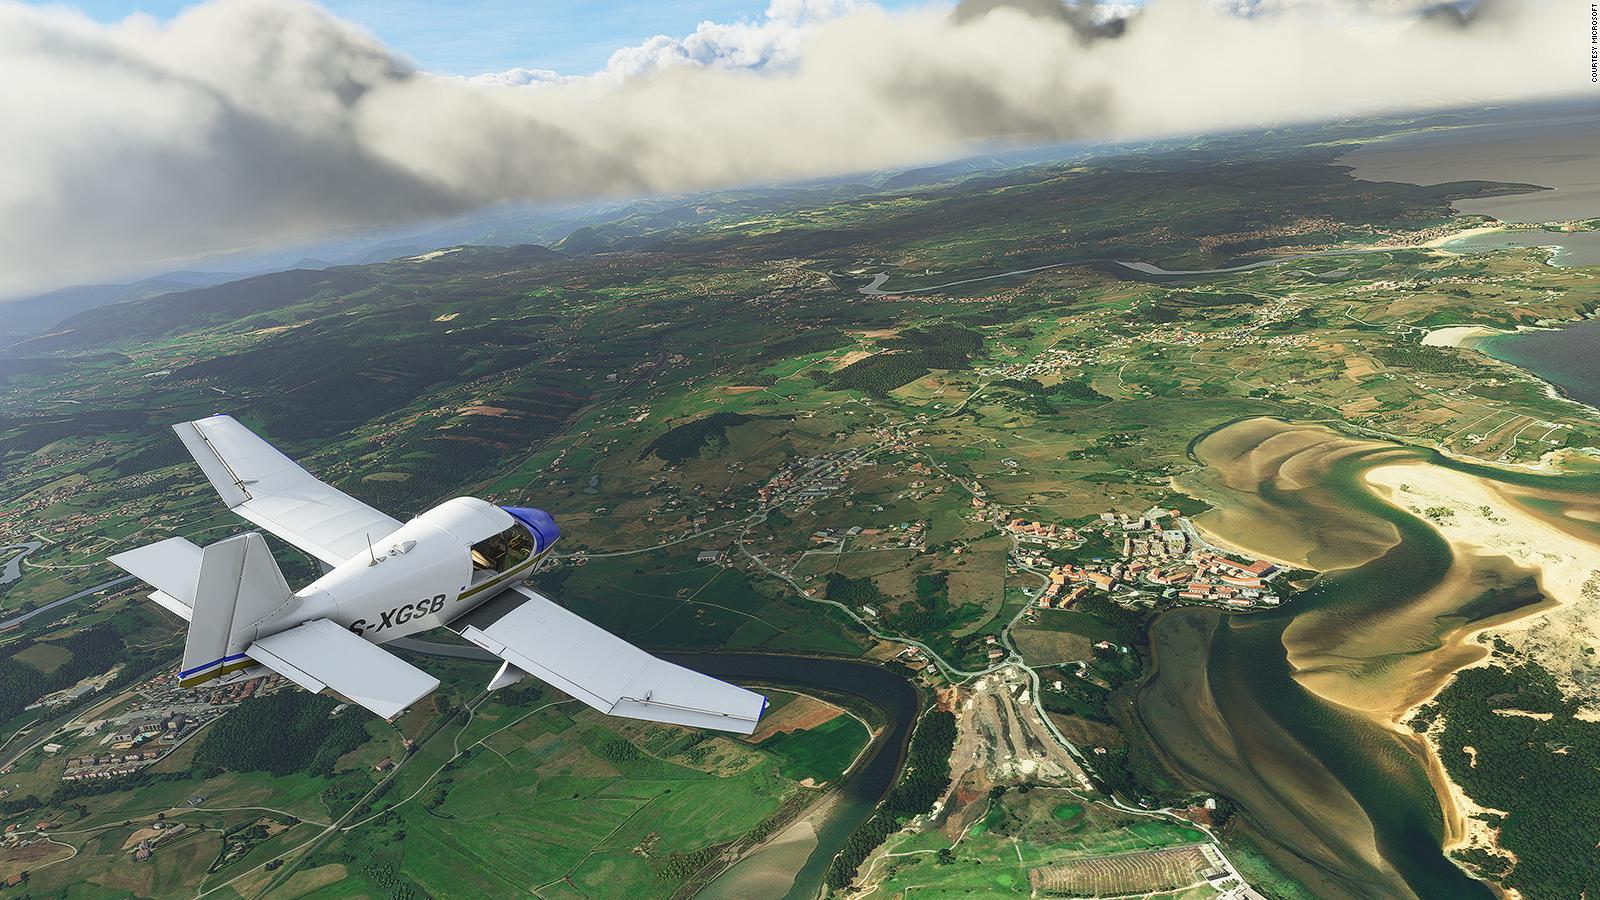 新里程碑:《微软飞行模拟》全球玩家已达200万